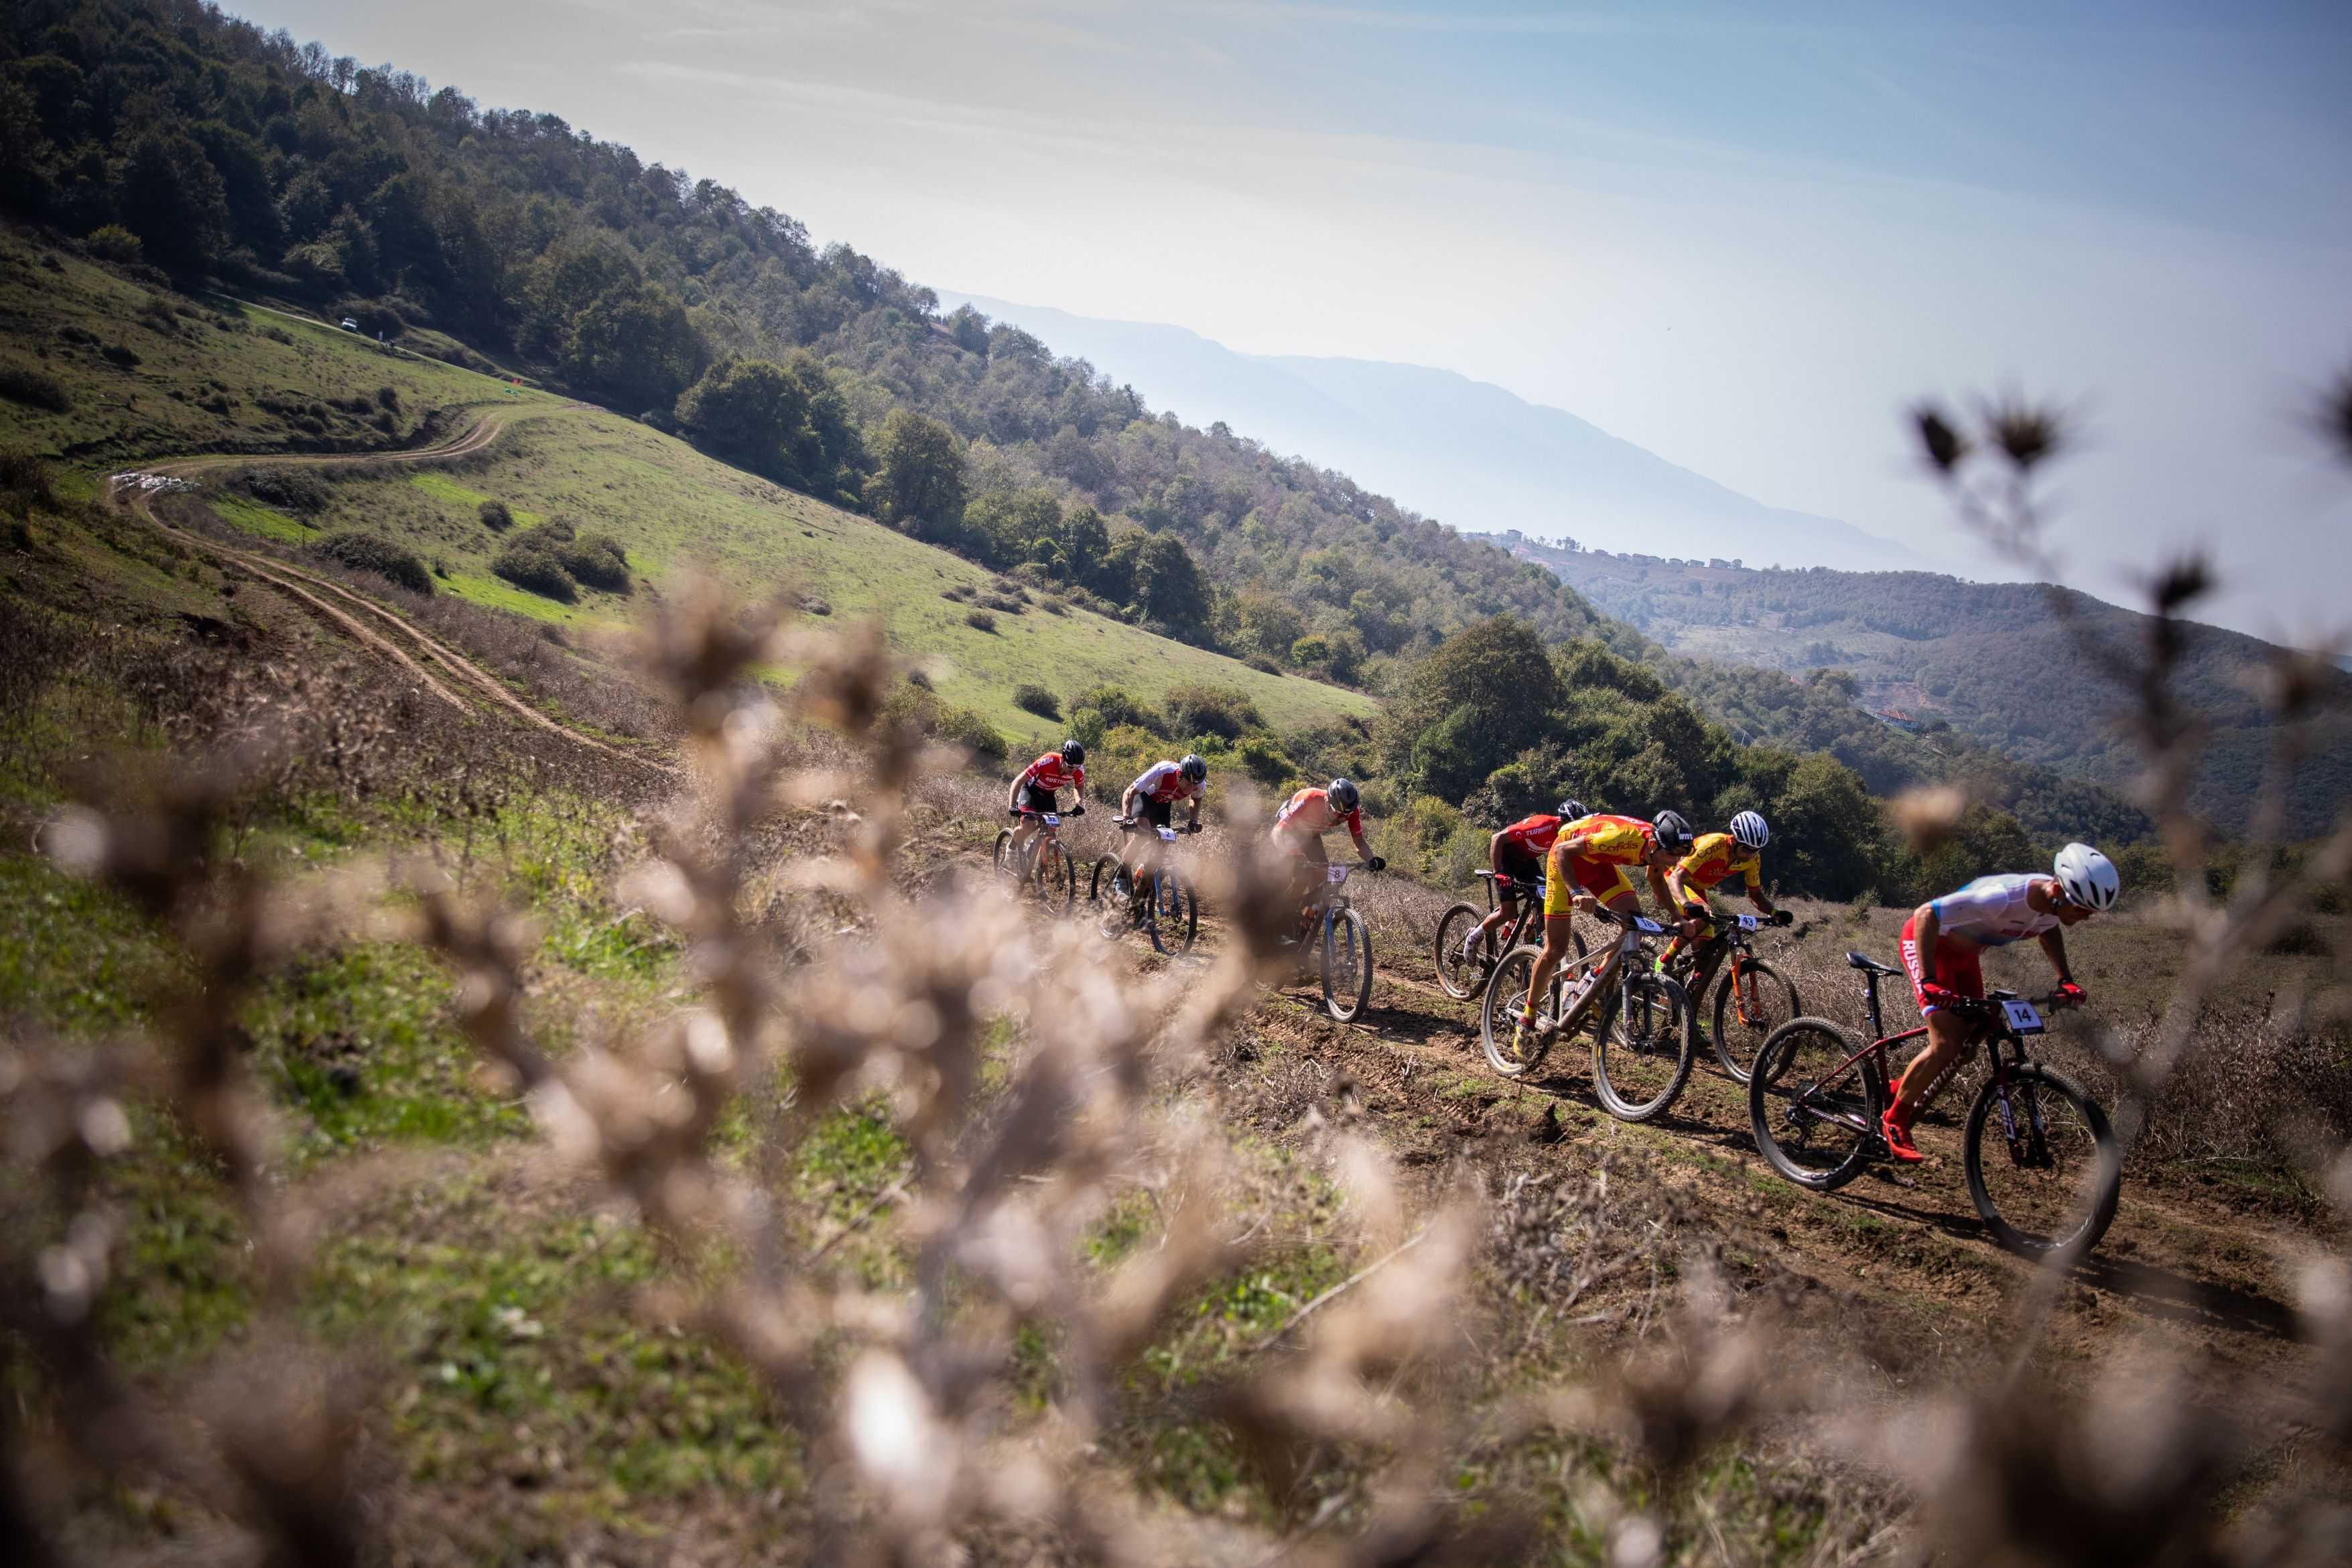 #TeamESPciclismo - Campeonato del Mundo de XC Maratón 2020 - Sakarya, Turquía